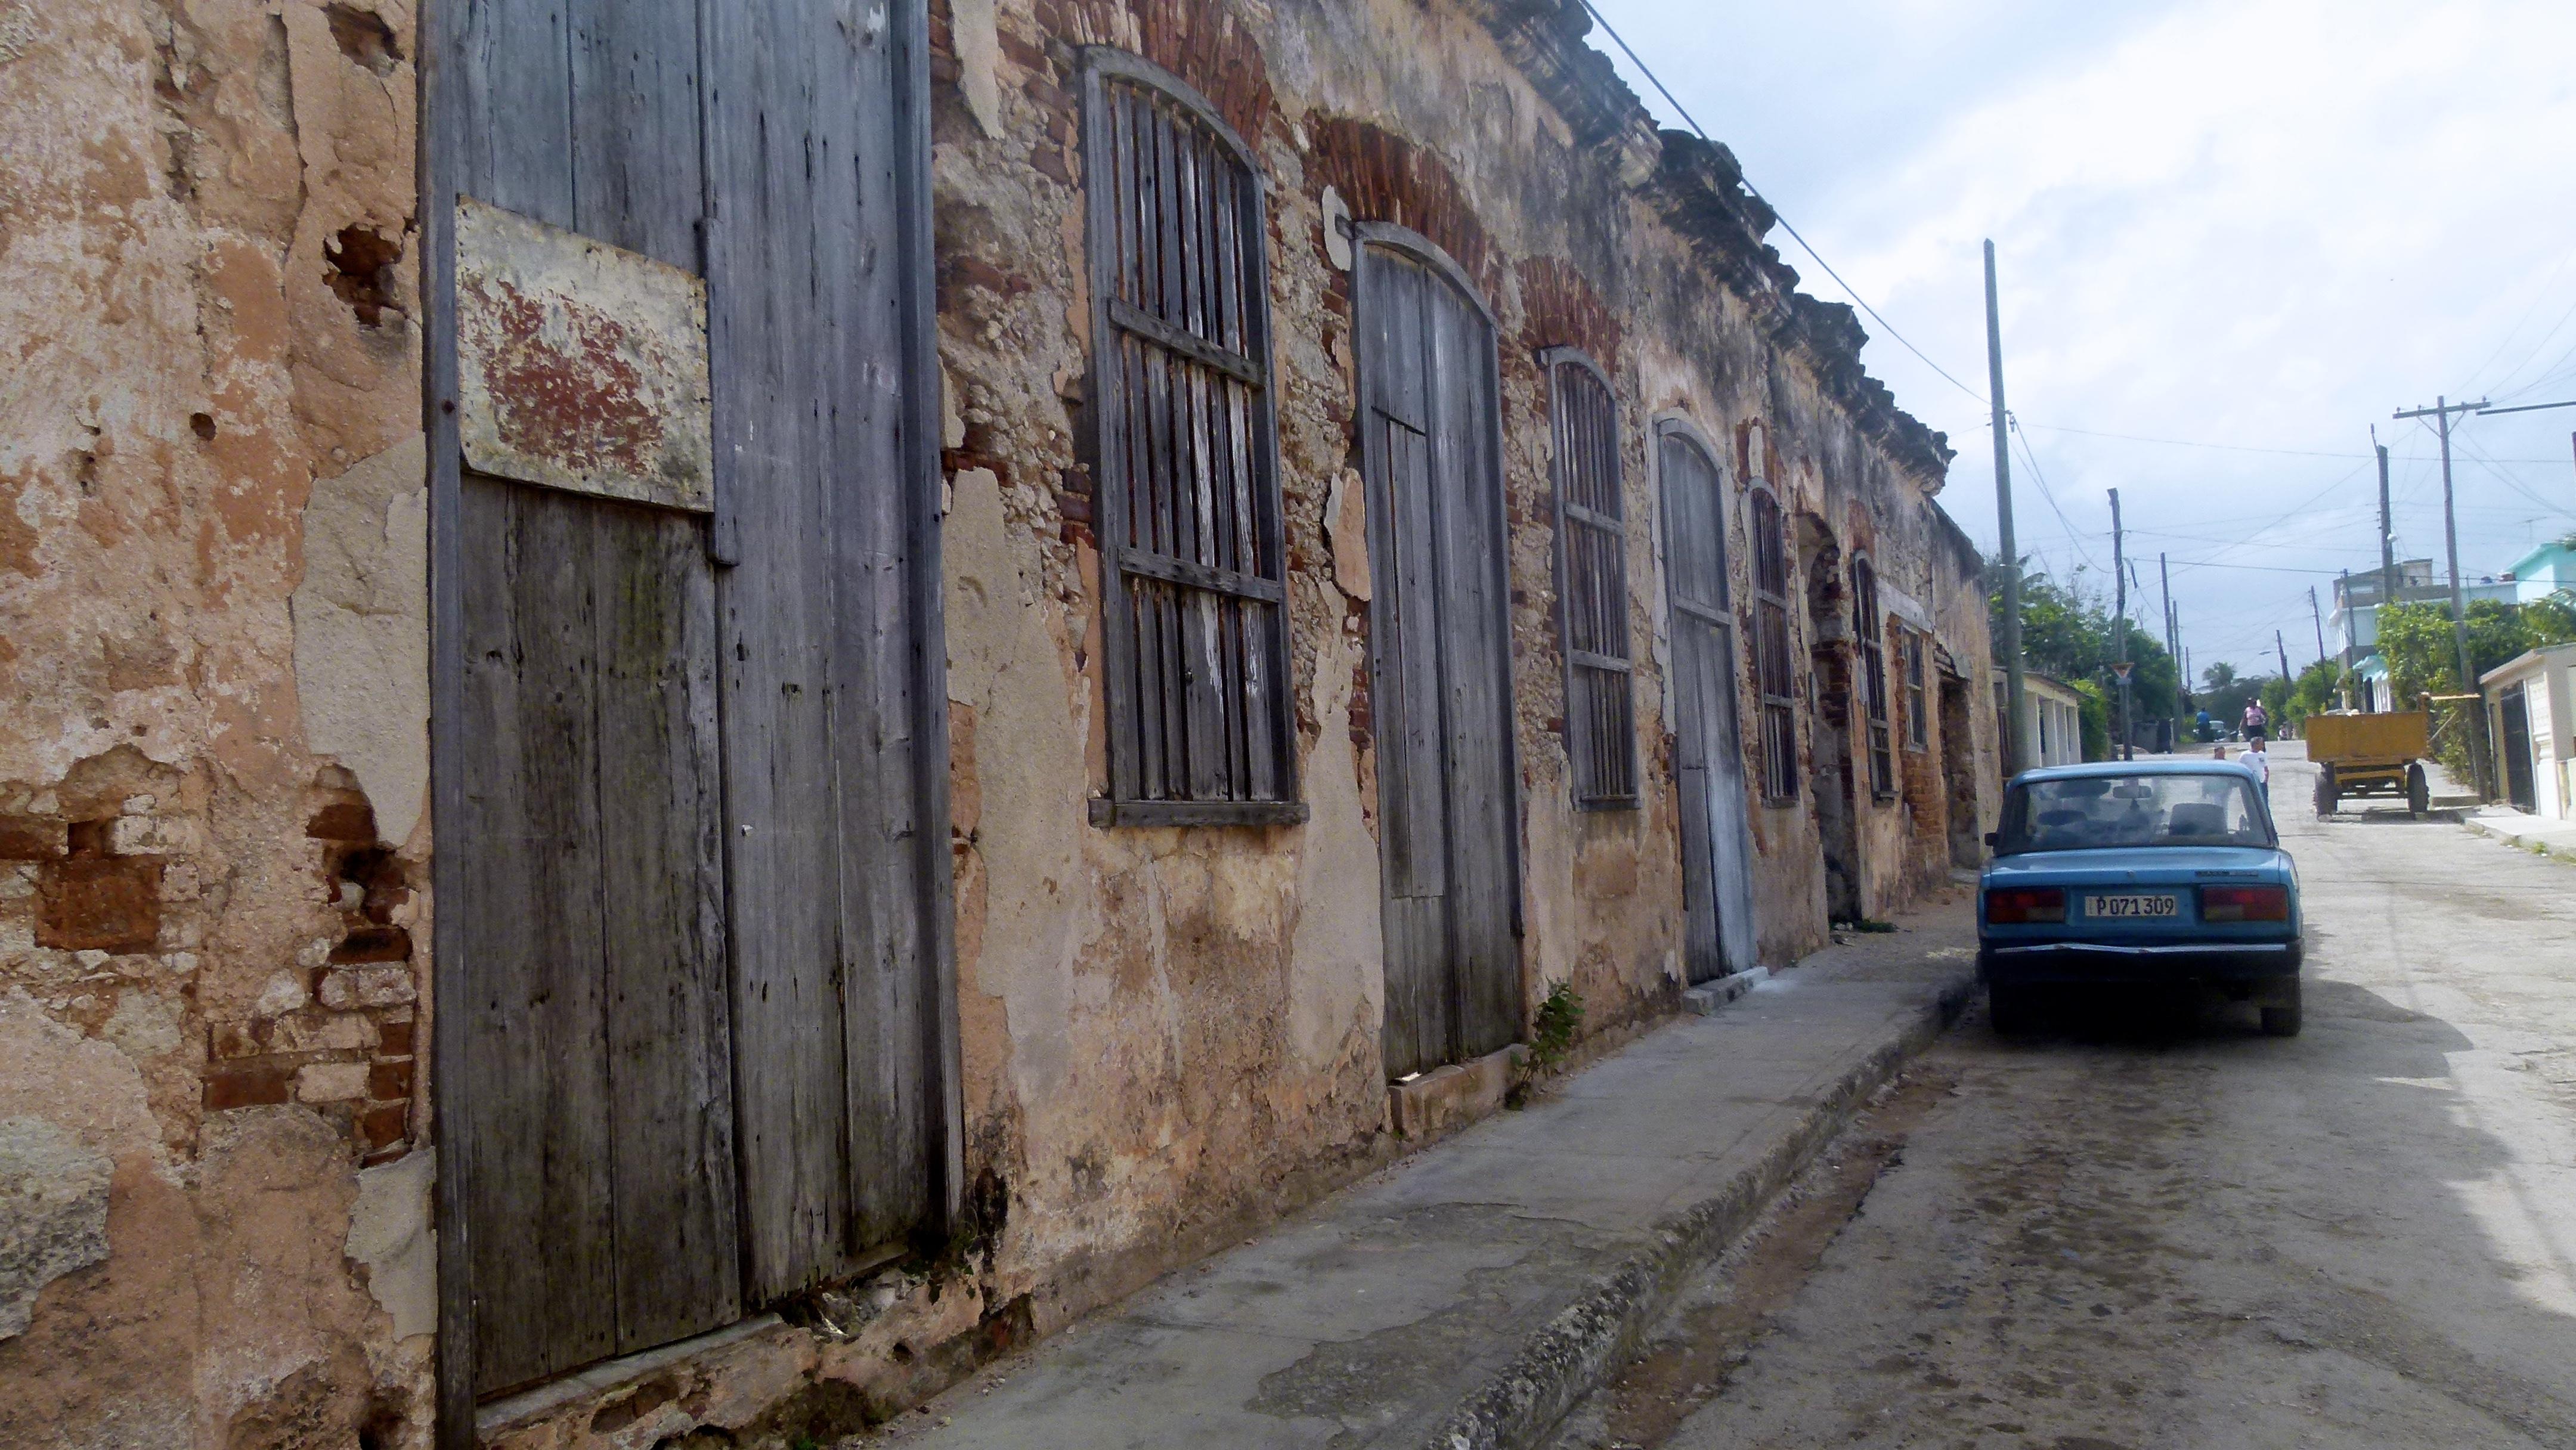 Cuban texture